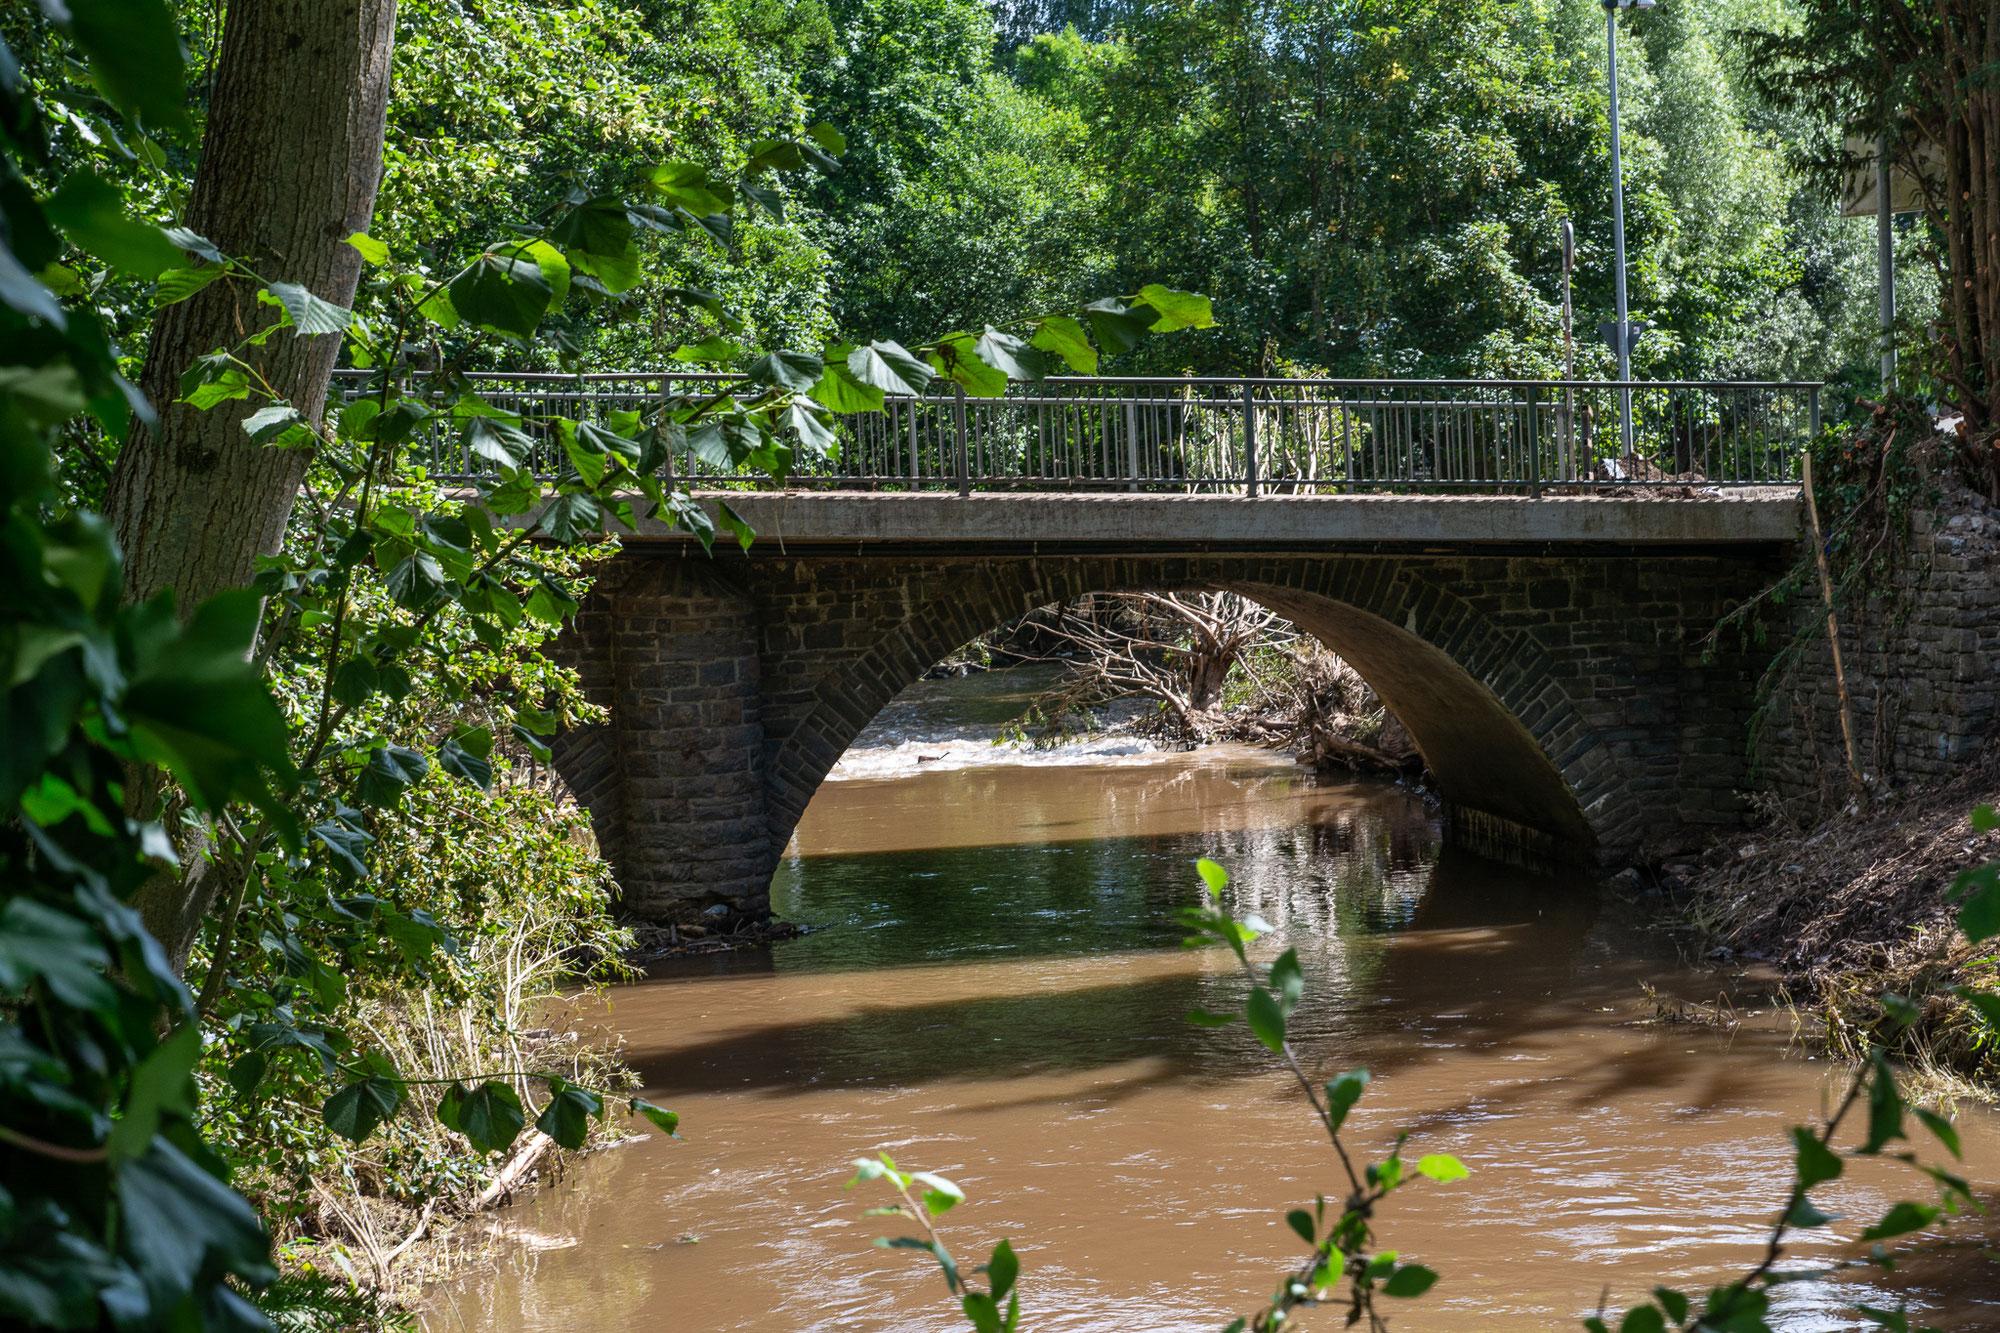 Brücken - tödliche Gefahr bei Hochwasser